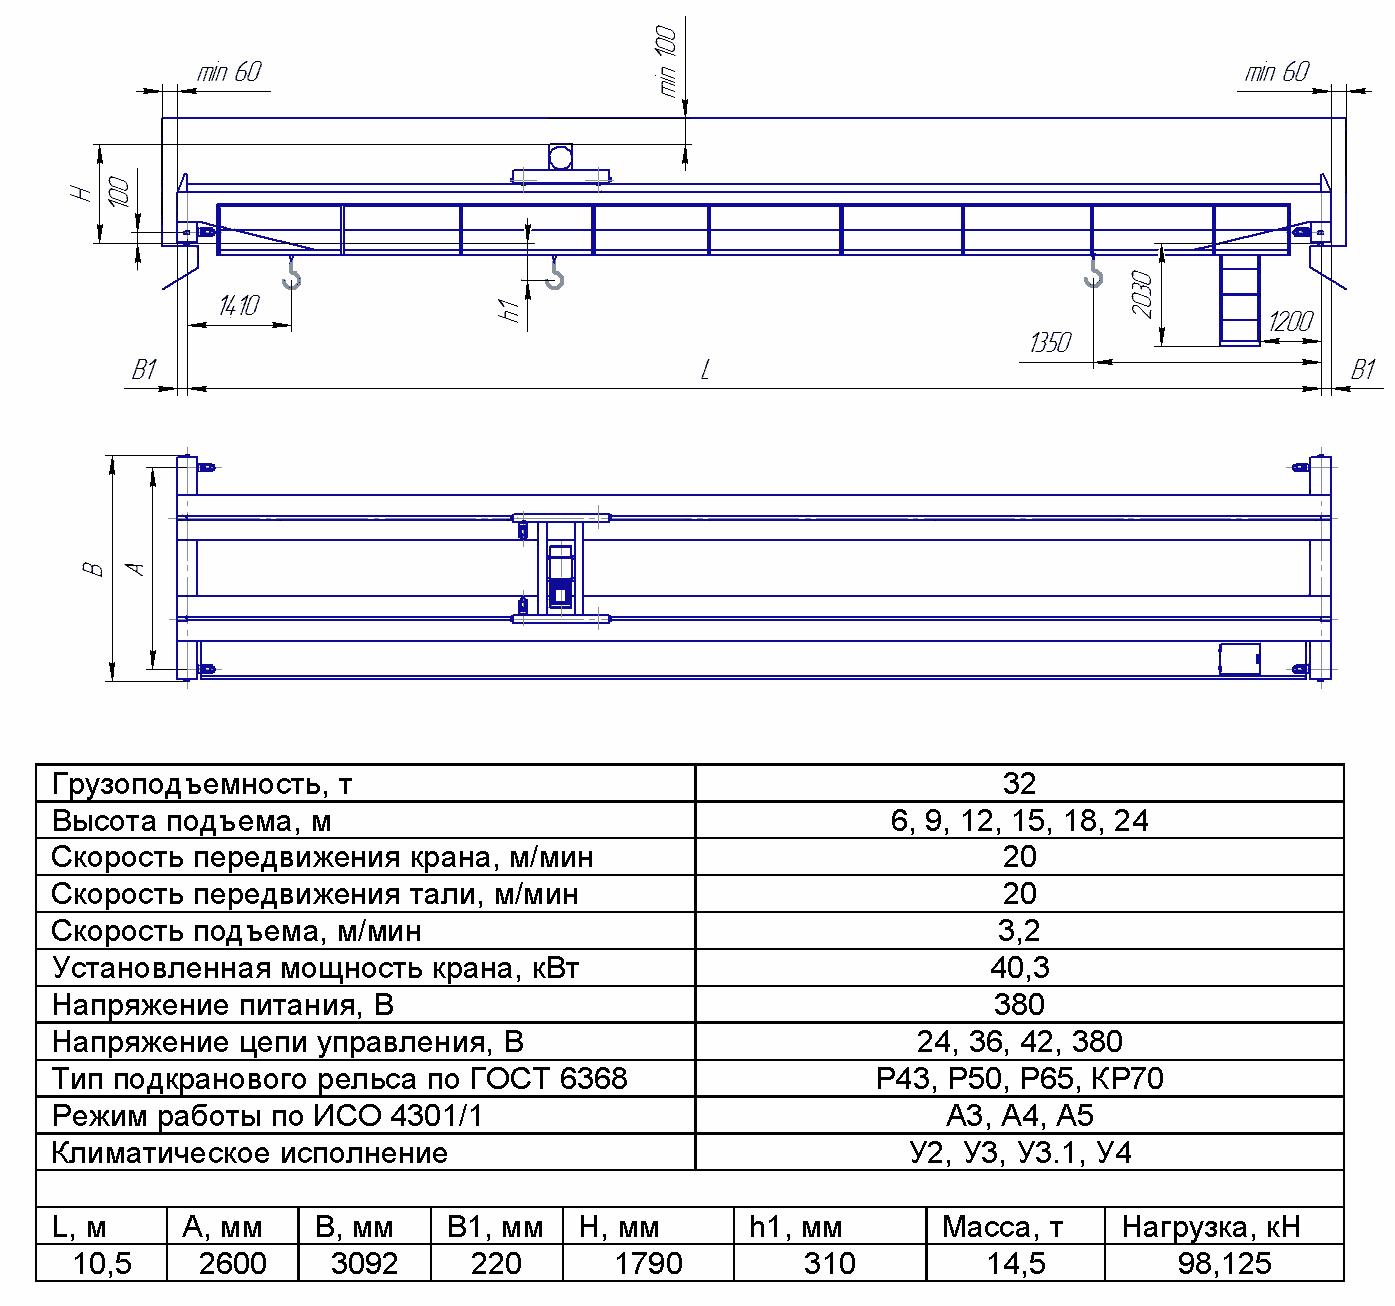 KMON 7 1 - Опорный мостовой кран общего назначения